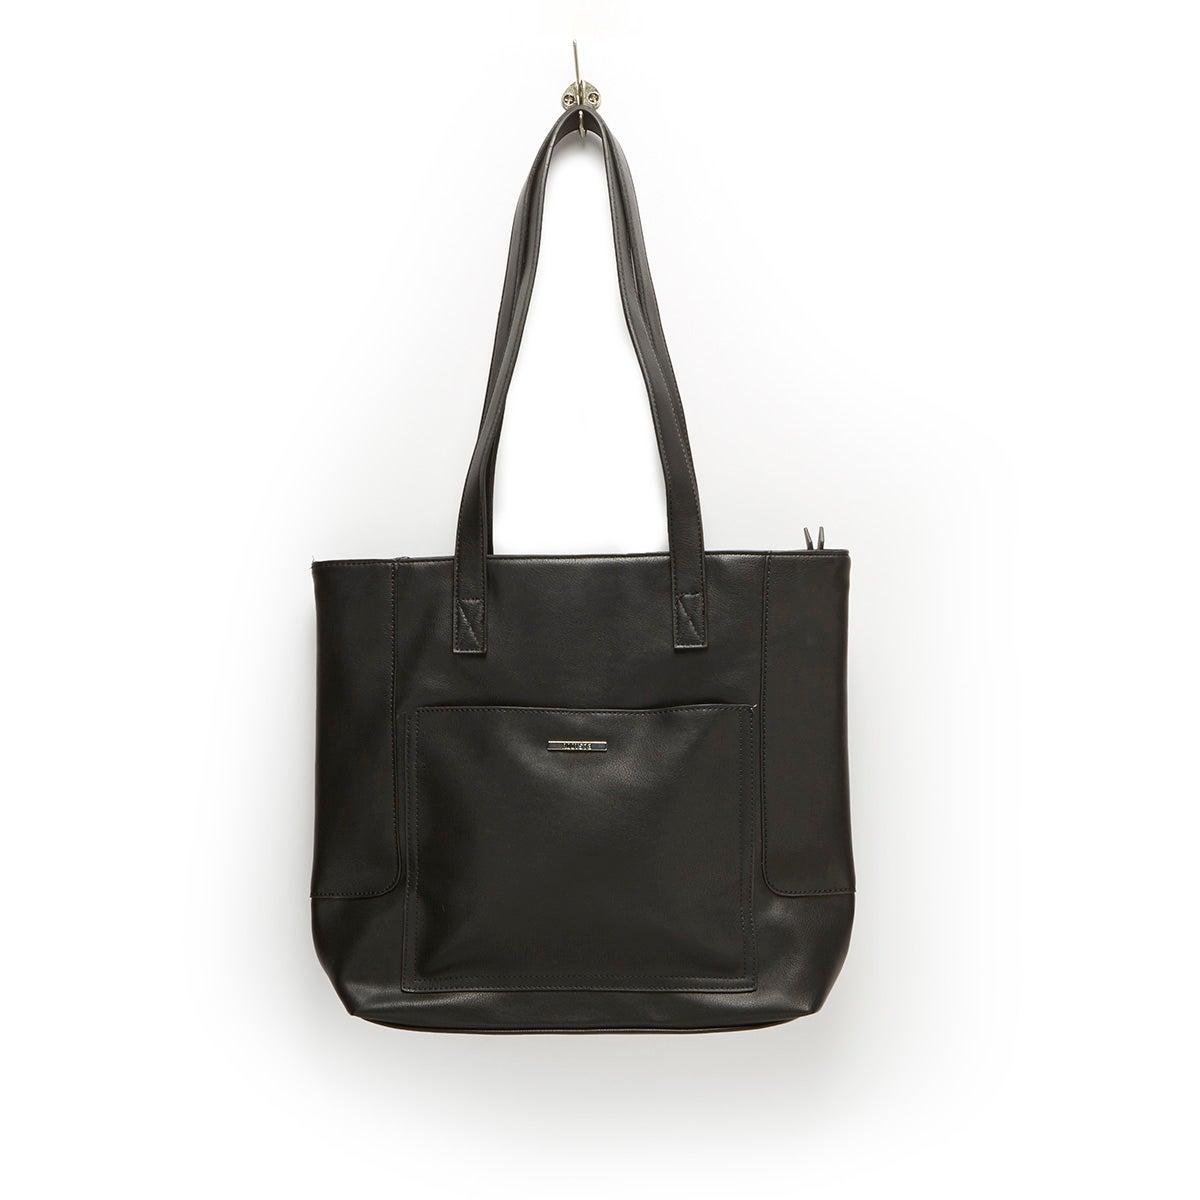 Lds Roots73 black large top zip satchel